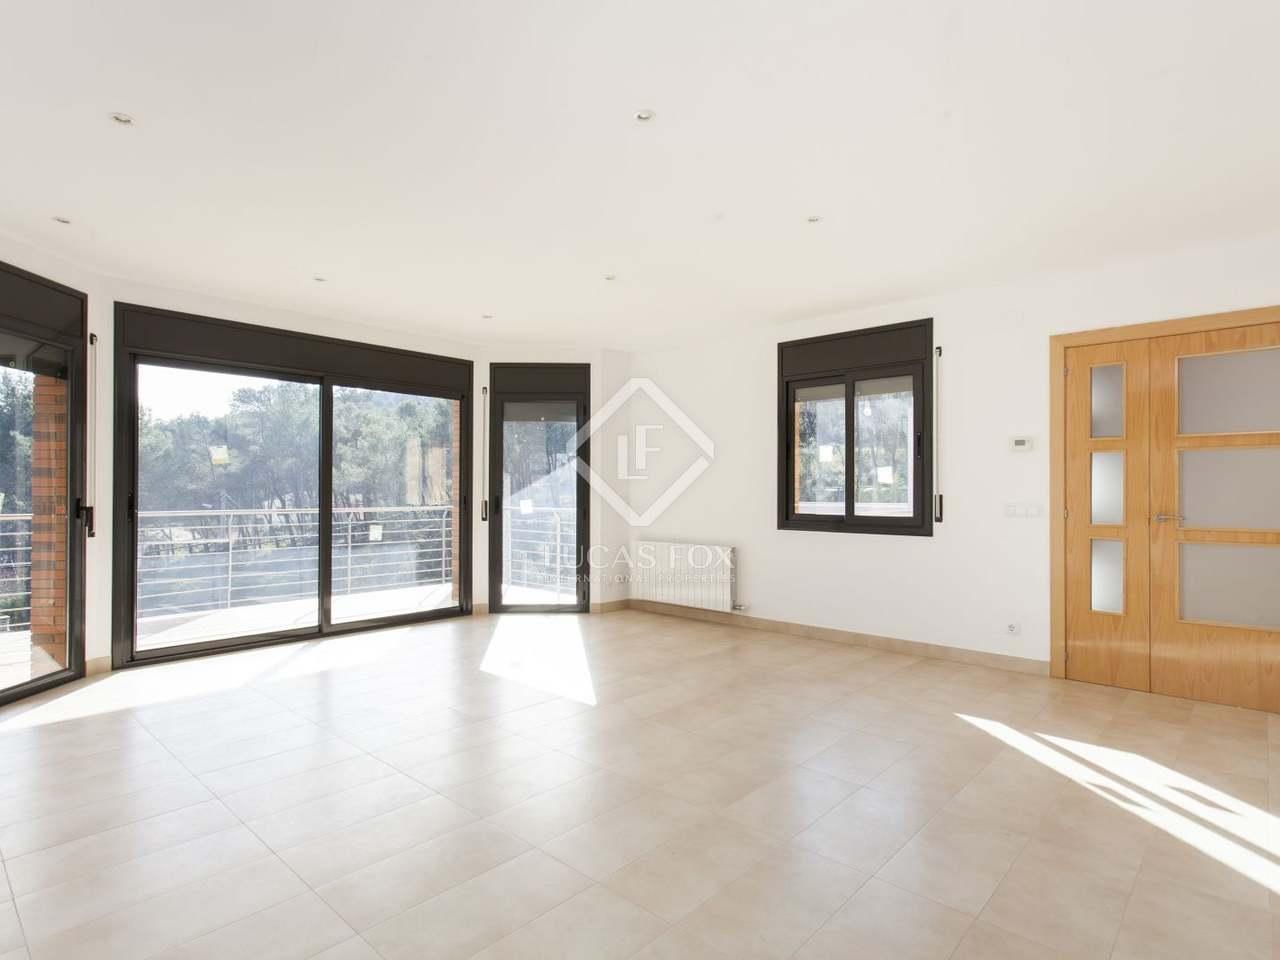 Modern 5 bedroom house for sale in olivella sitges for 5 bedroom house for sale